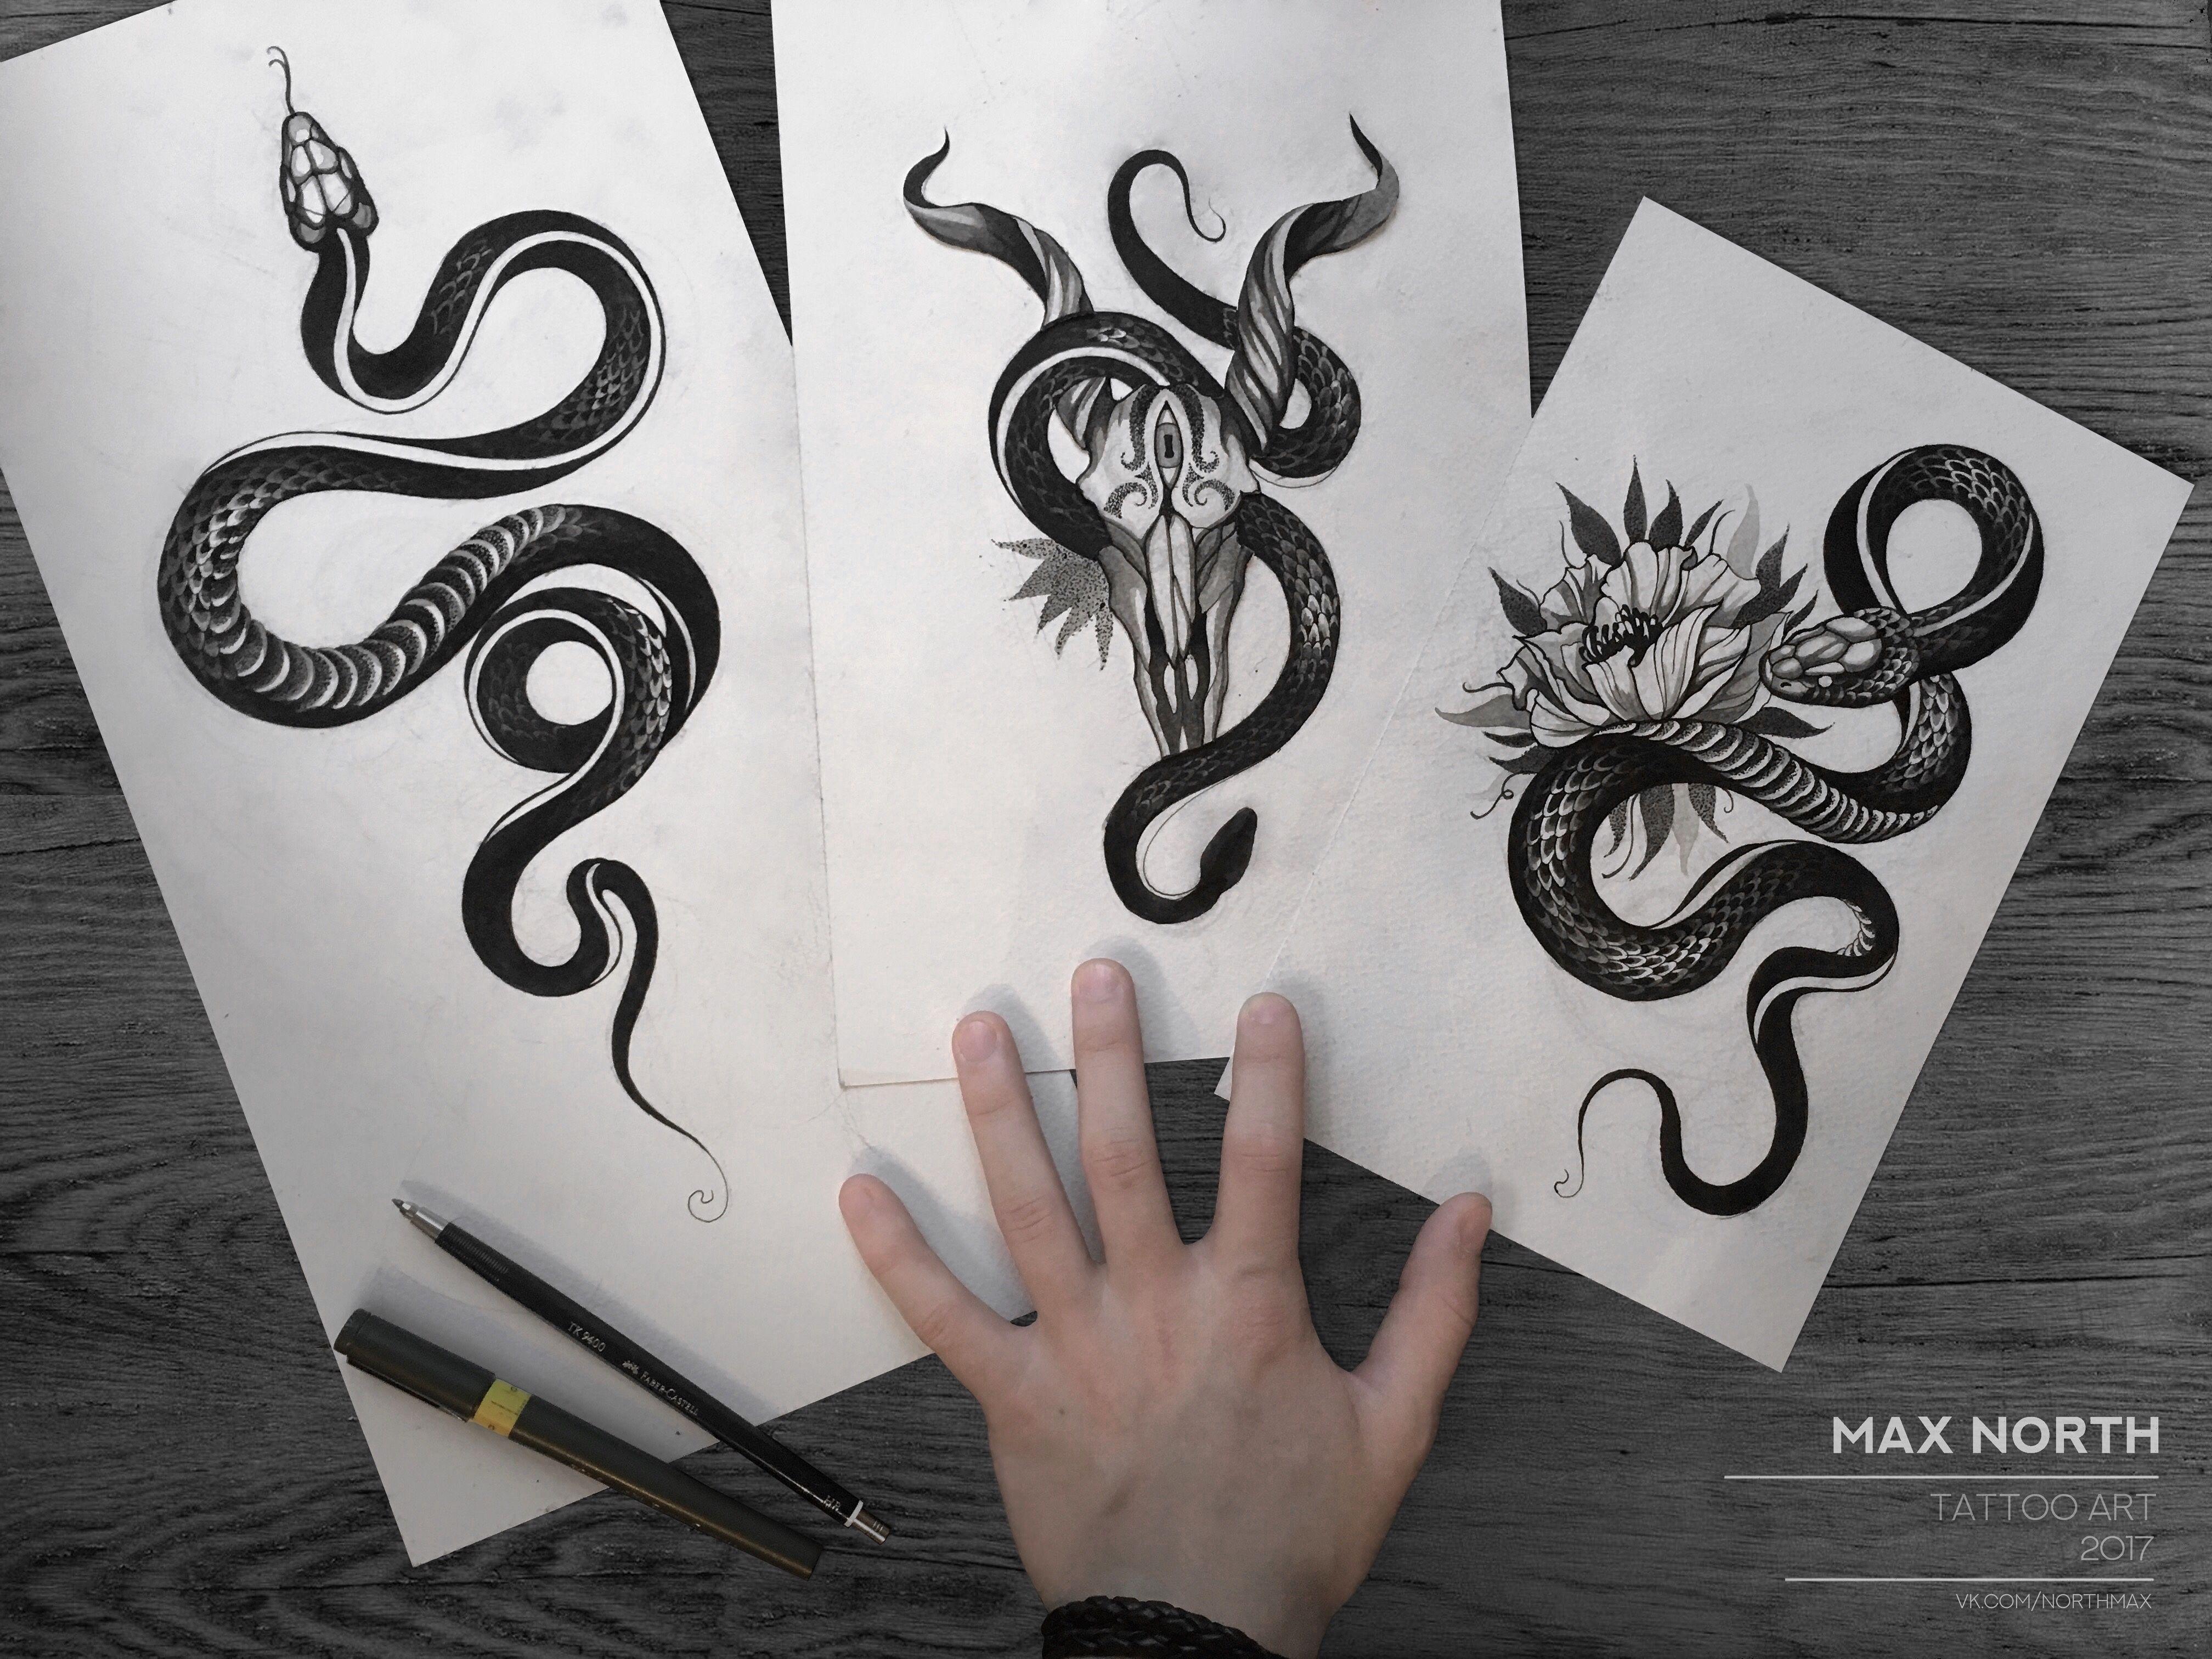 Snake Snaketattoo змея змеи тату эскизтату эскиз Maxnorth